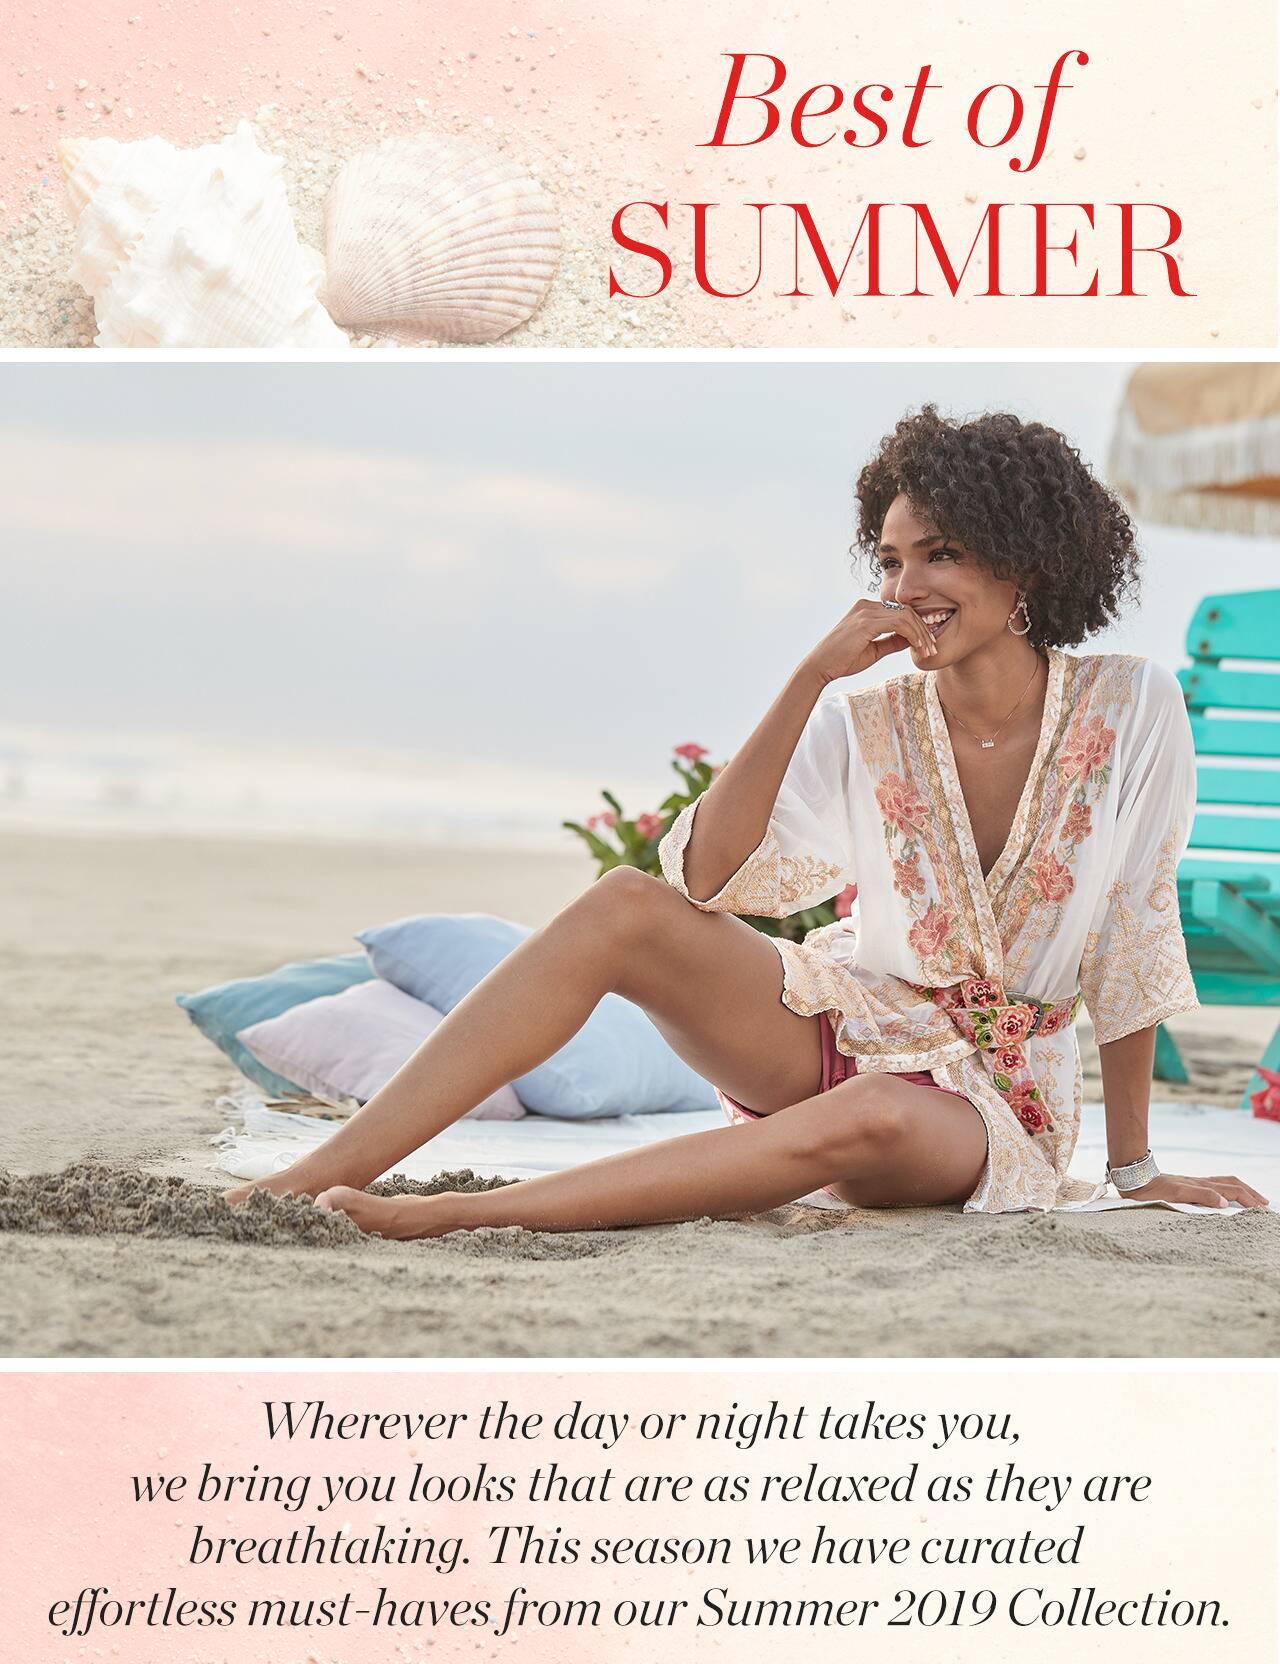 ab25e6c5c8 Best of Summer - Be Inspired | Robert Redford's Sundance Catalog